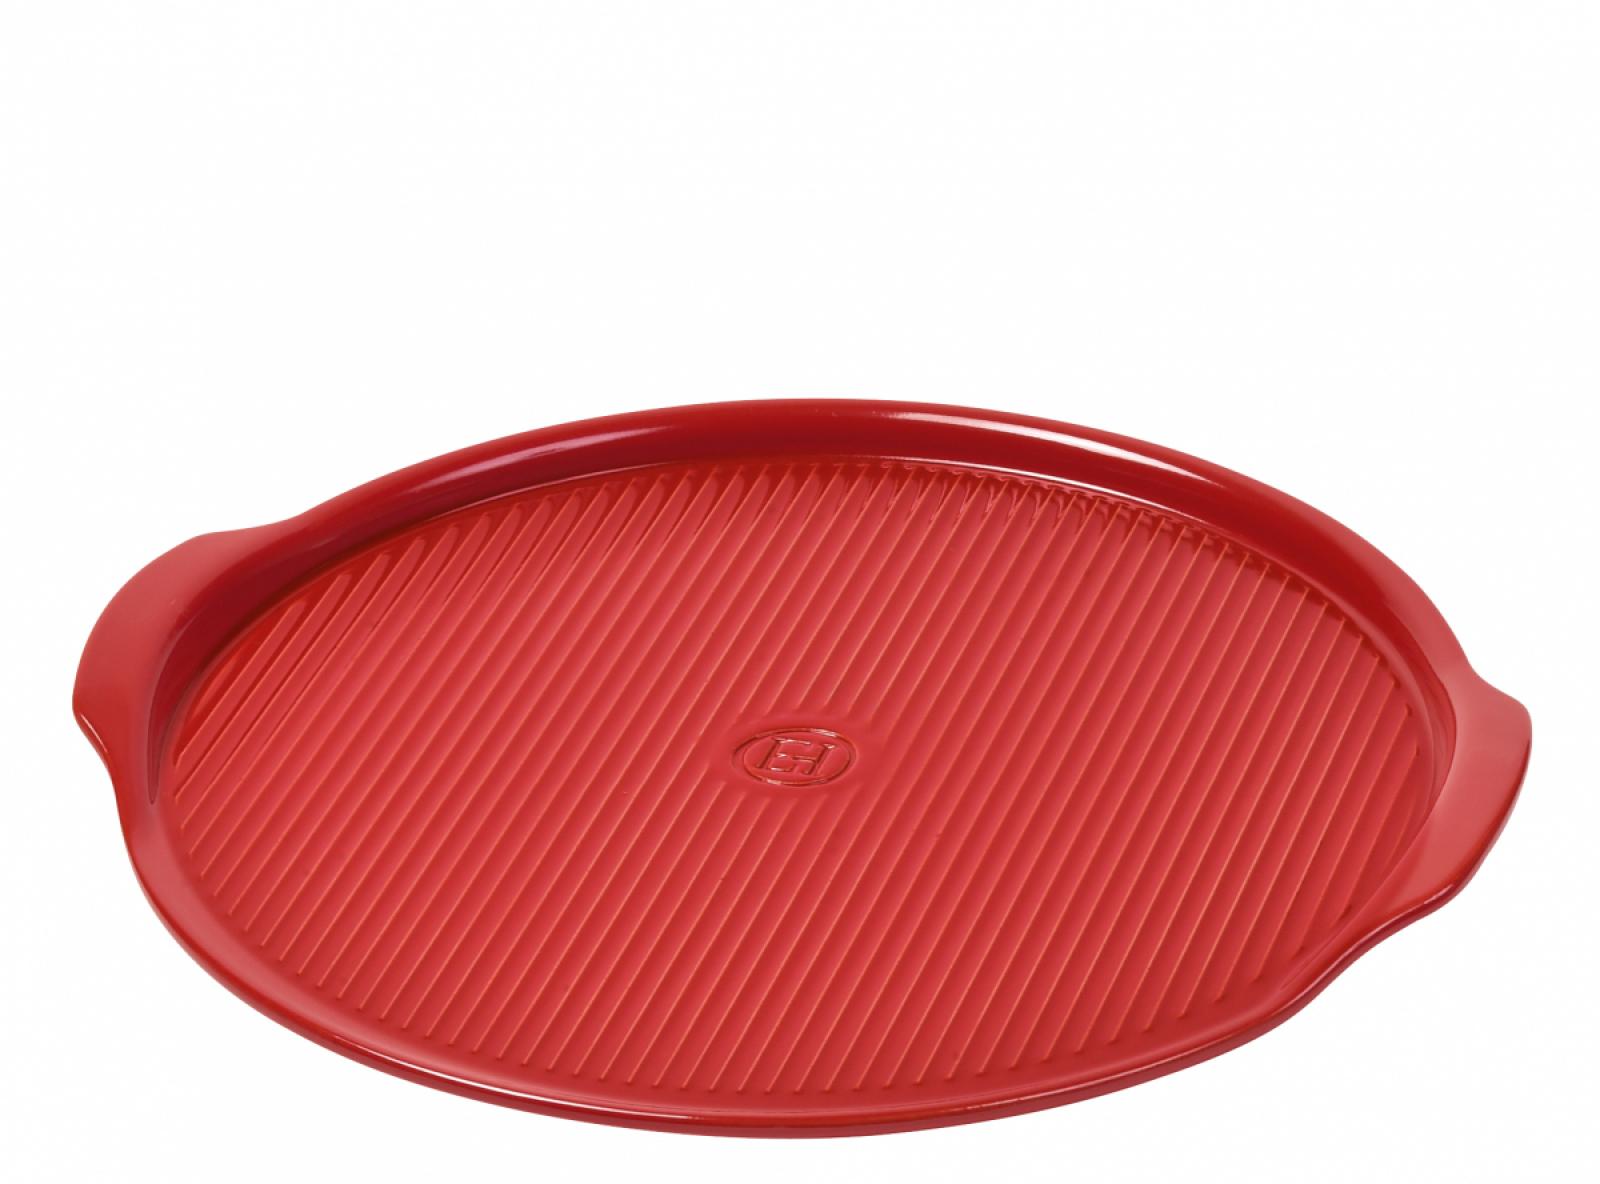 Онлайн каталог PROMENU: Противень для пиццы Emile Henry, 30 см, красный                               347612